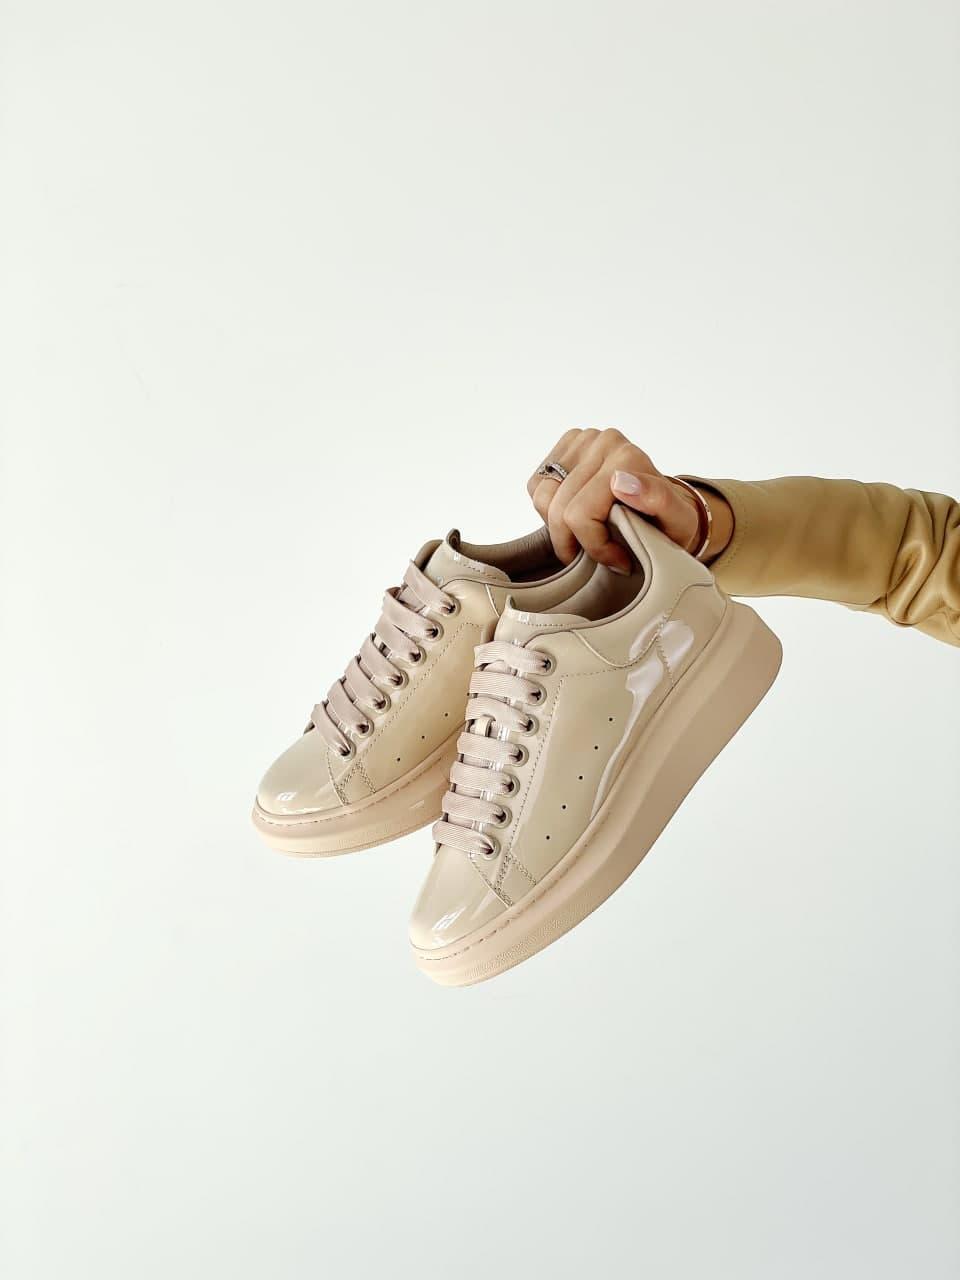 Женские кроссовки Alexander McQueen (Бежевые) J3147 красивая стильная бежевая лаковая обувь